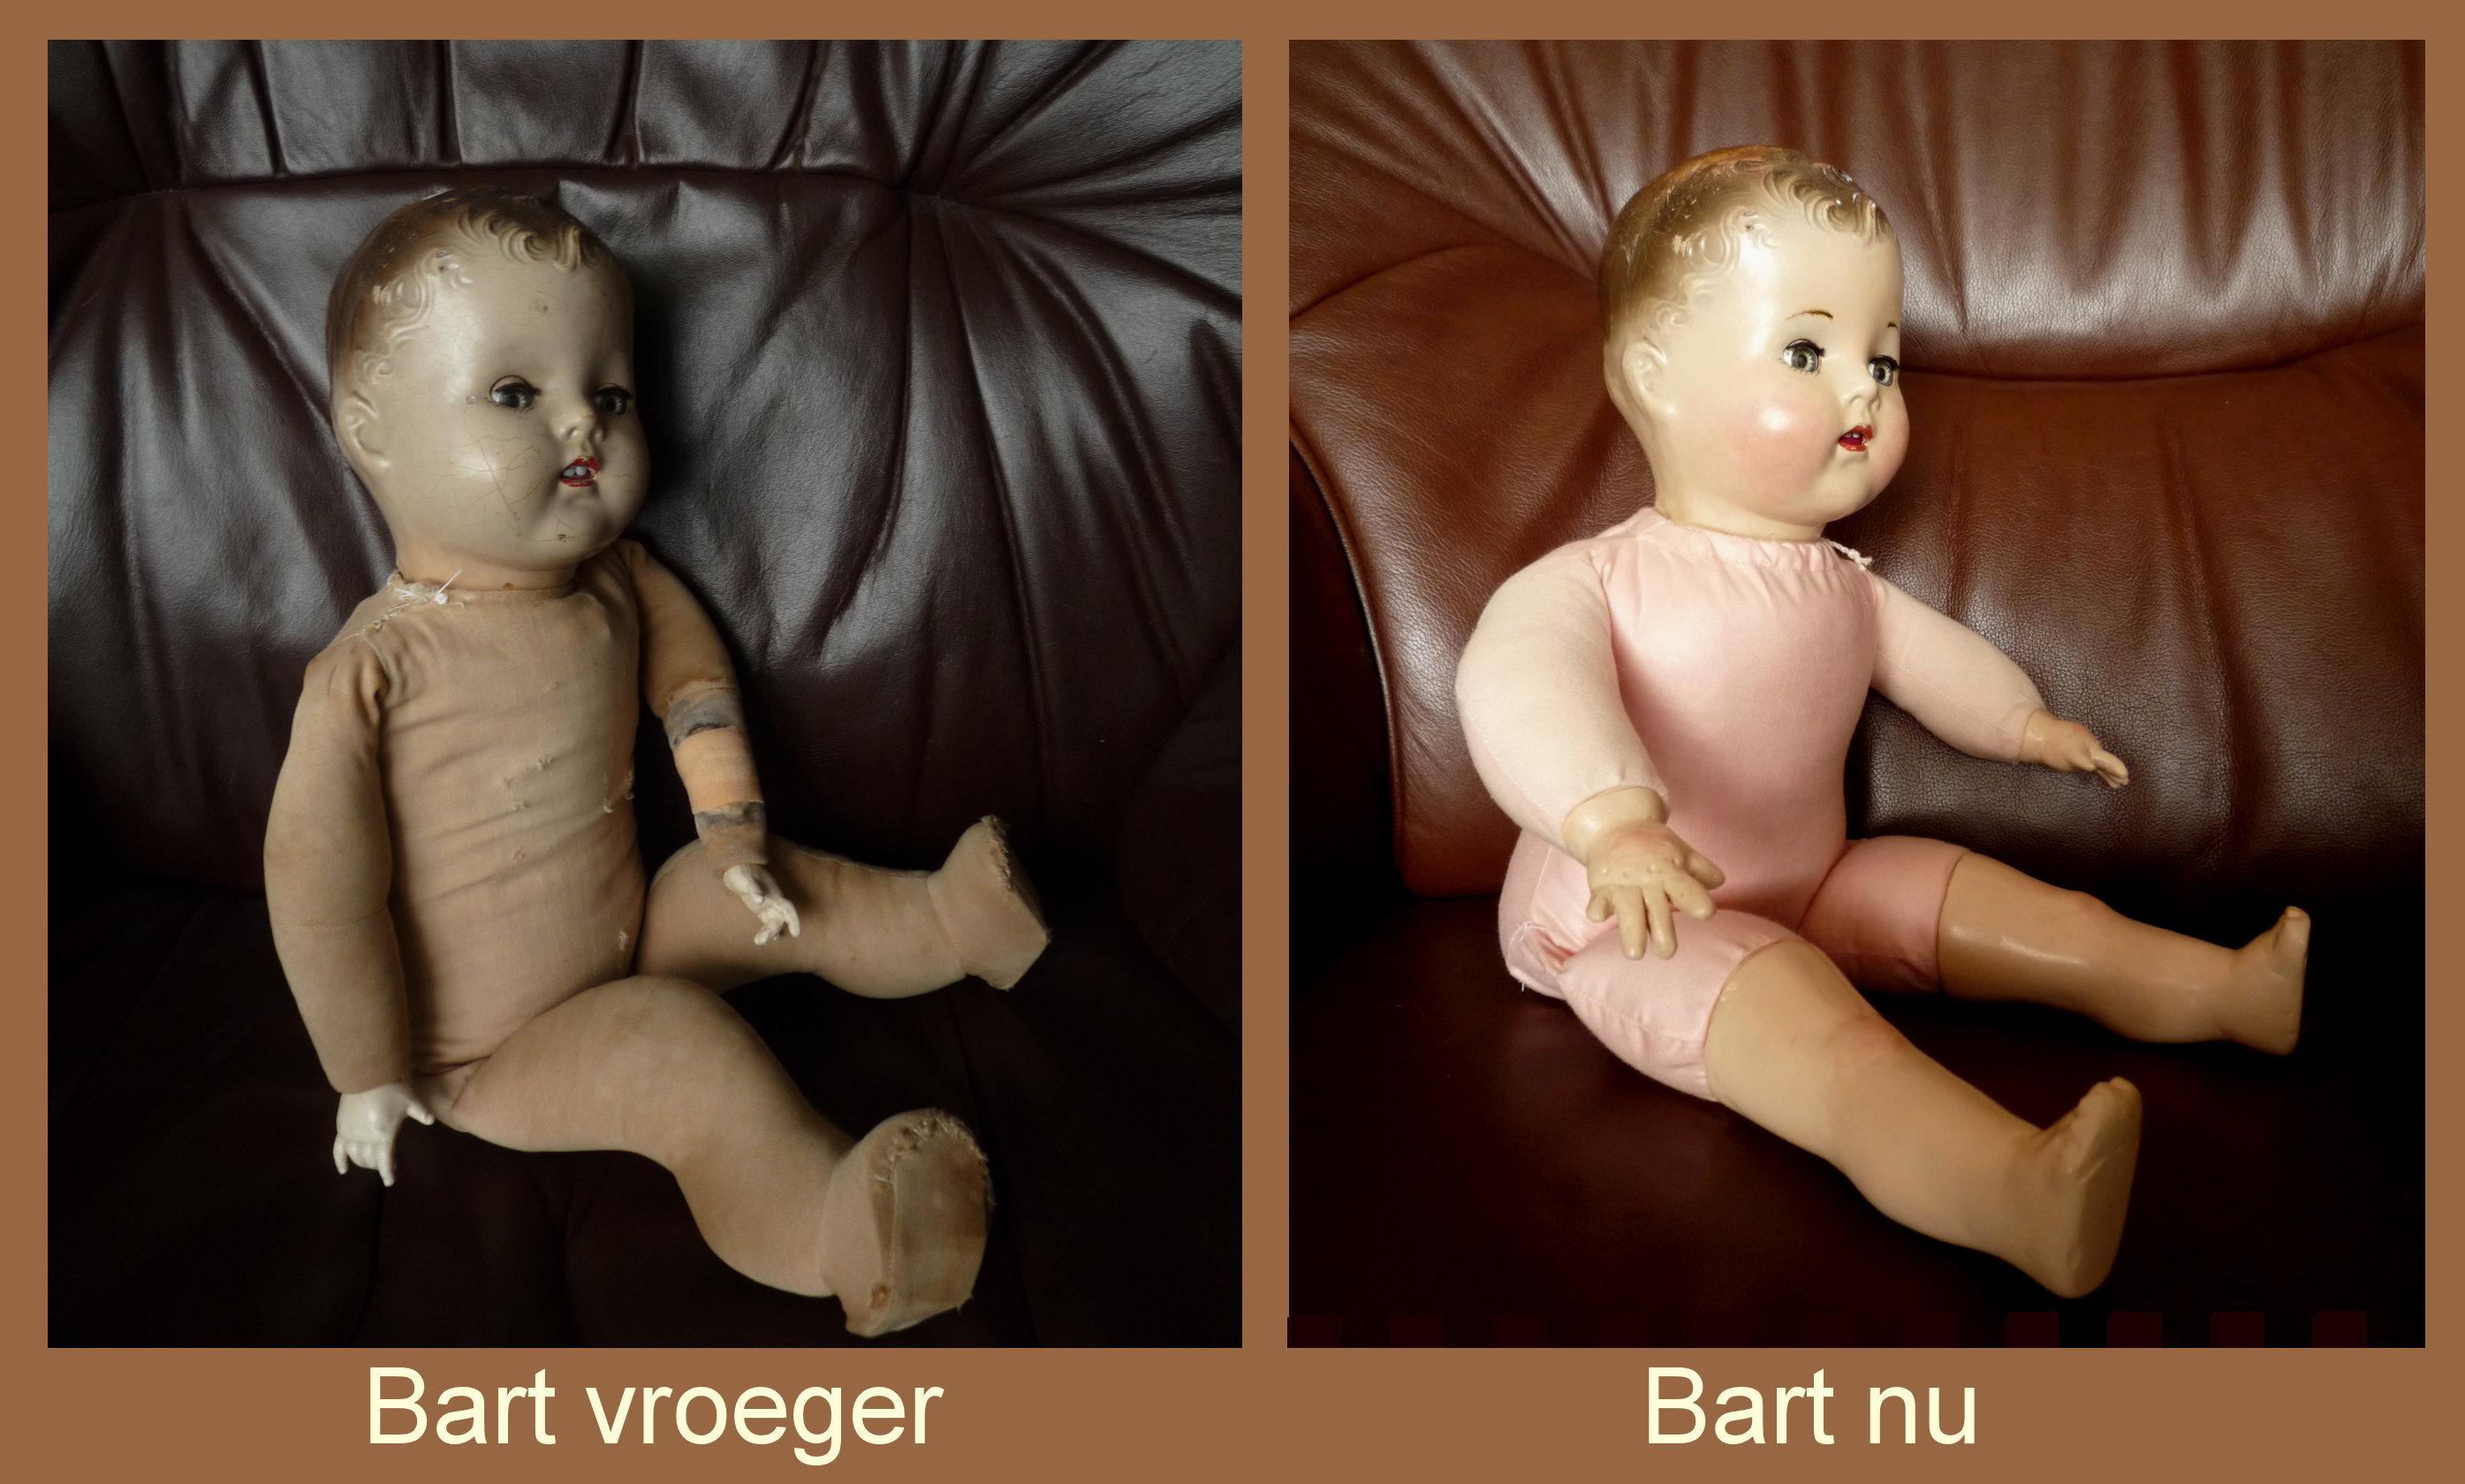 https://welkepopisdat.nl/afbeeldingen-Forum/DurvinaFotos/Bart%20op%20forum%202%20(13).JPG